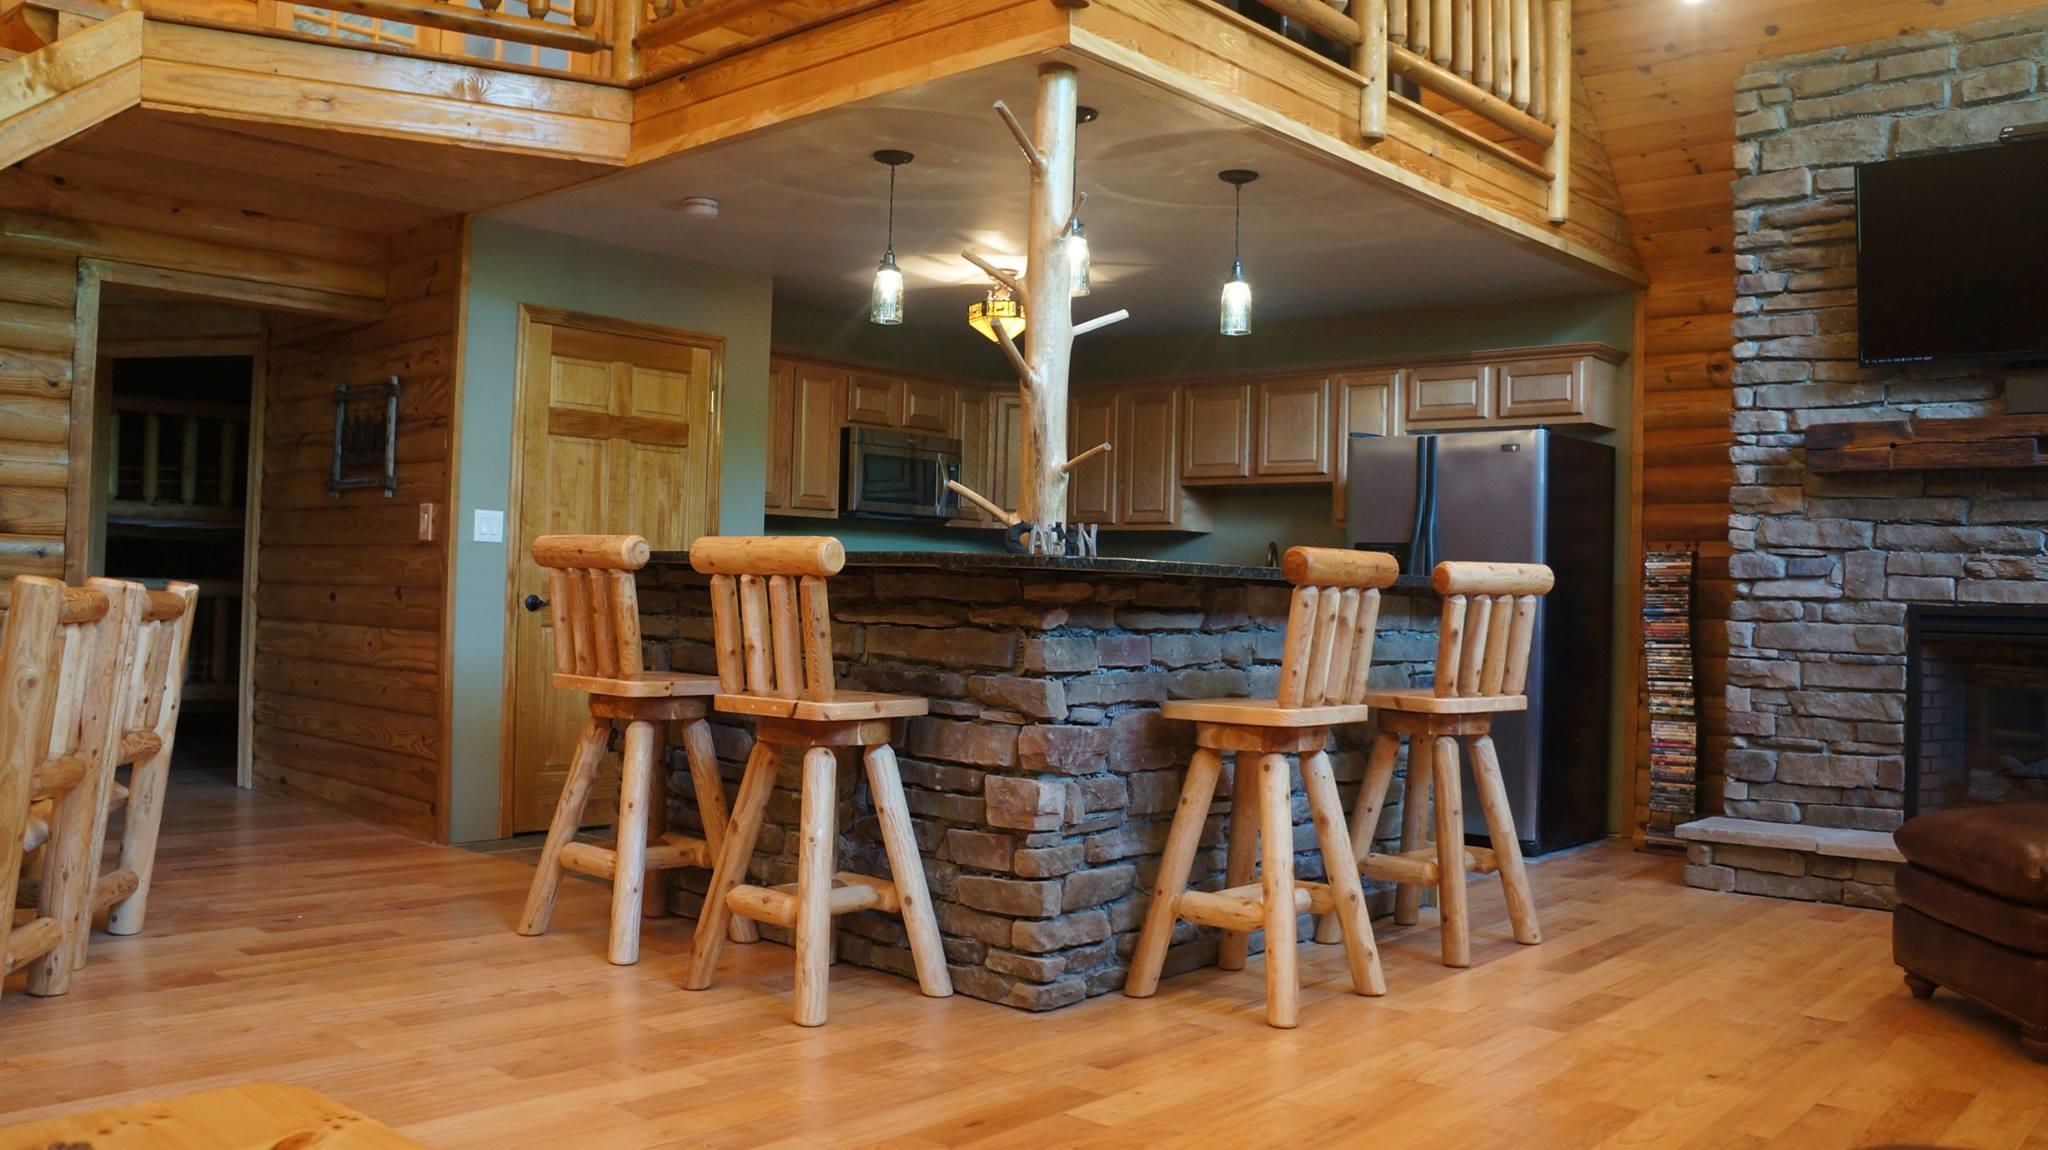 Yatesville Lake Cabin Rental Louisa Kentucky Ky Localdatabase Com